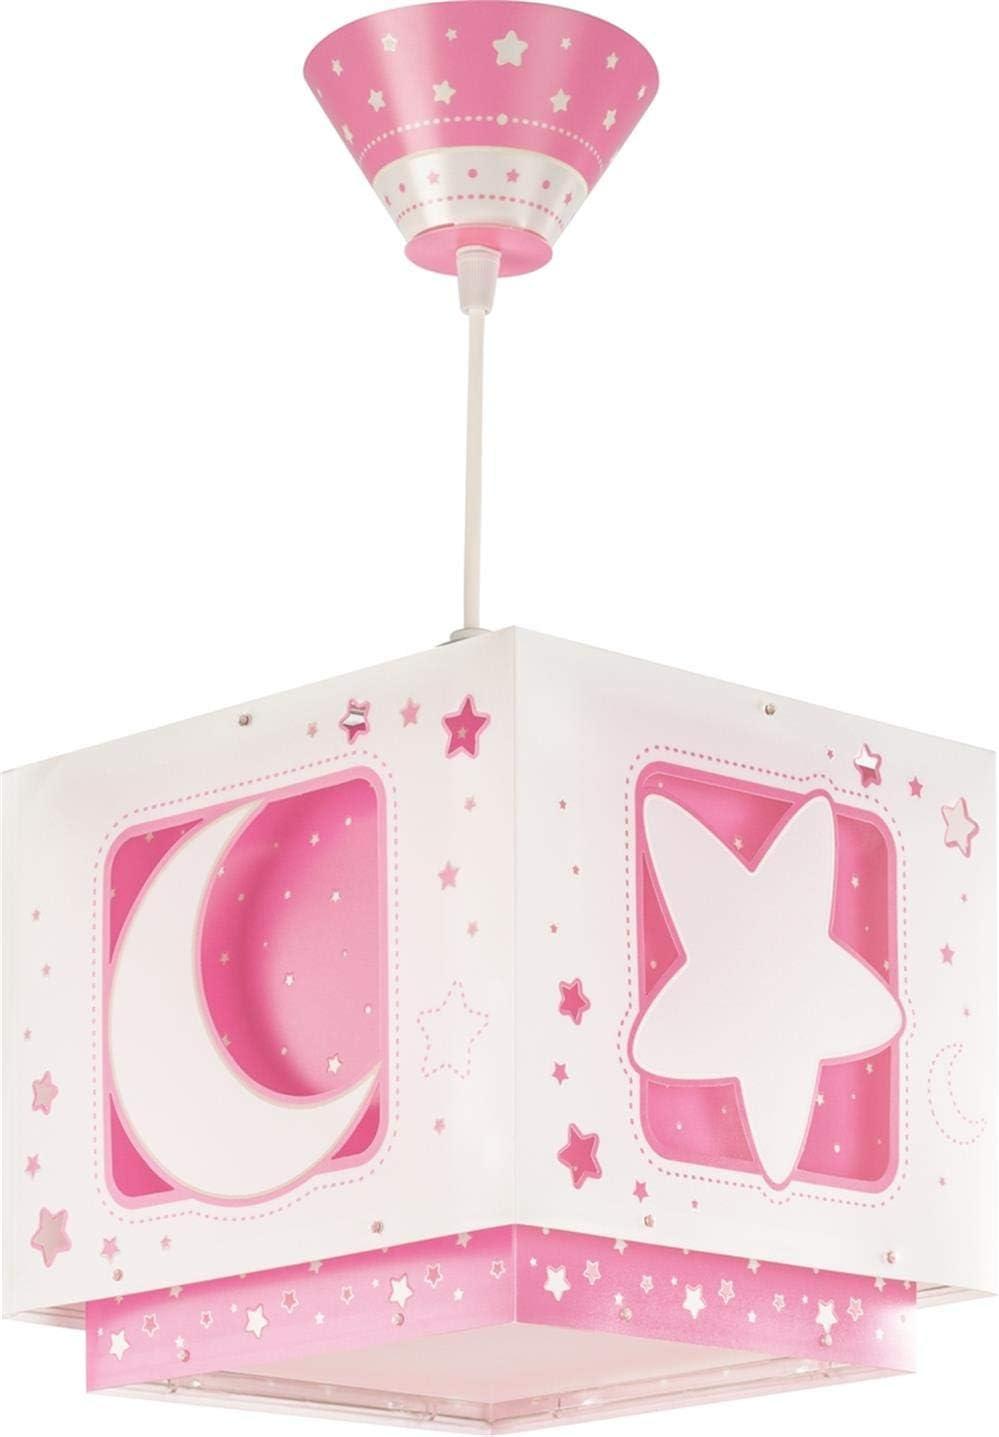 Dalber Moon Light Lámpara de Techo Infantil Luna y Estrellas MoonLight Rosa, 60 W